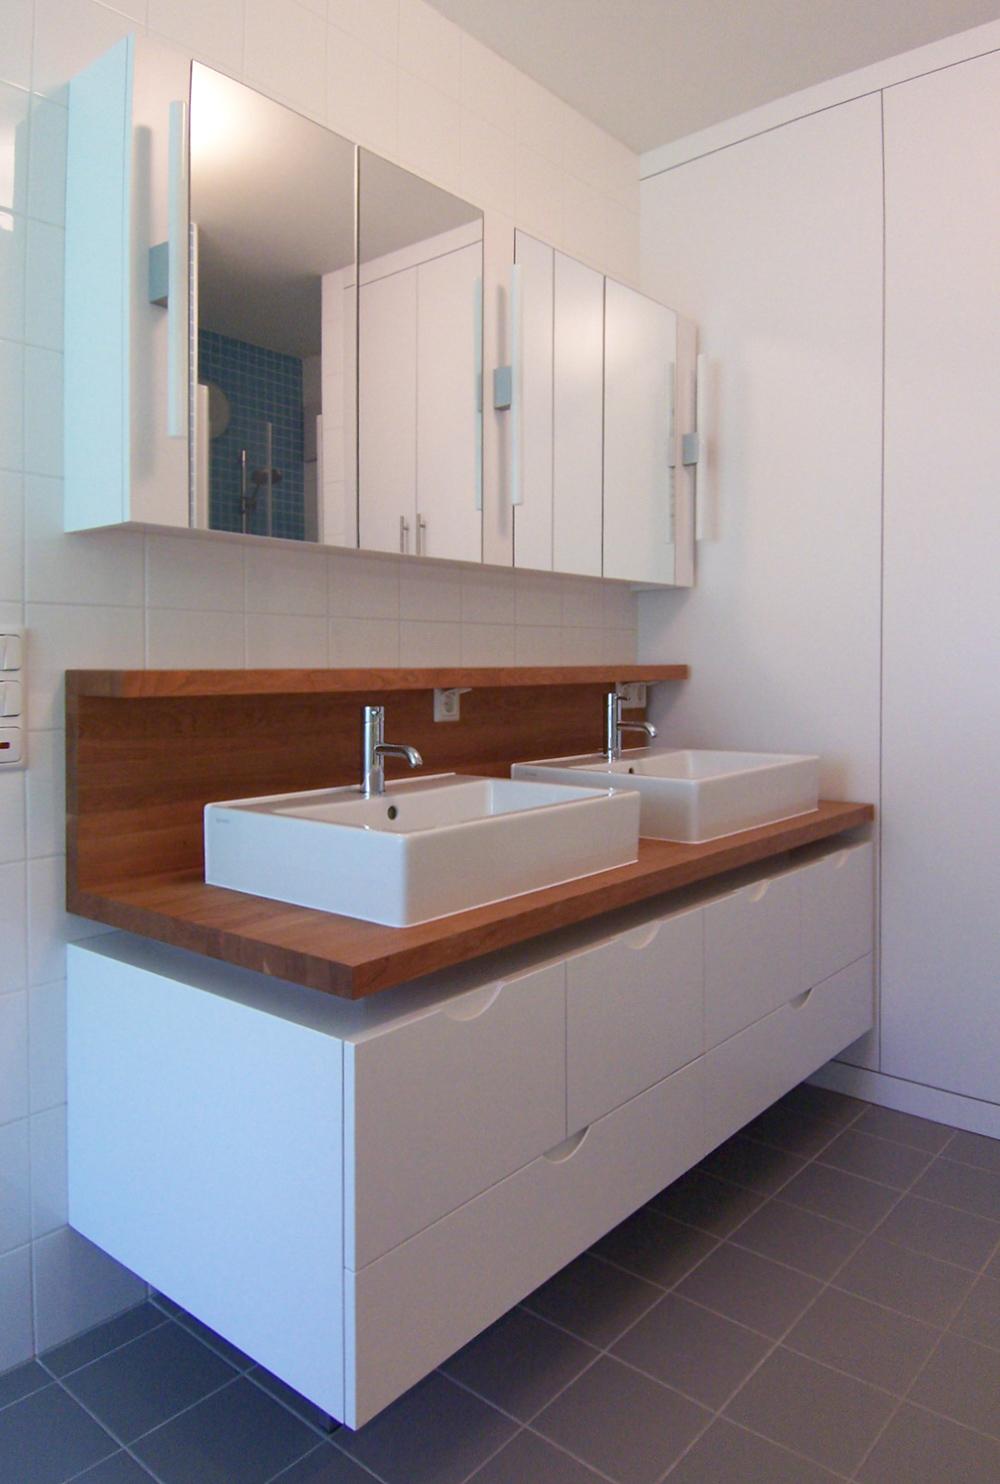 Bild des Bades mit integriertem Möbeldesign (Doppel-Waschtisch) von einem Einfamilienhaus das von Architekten geplant wurde